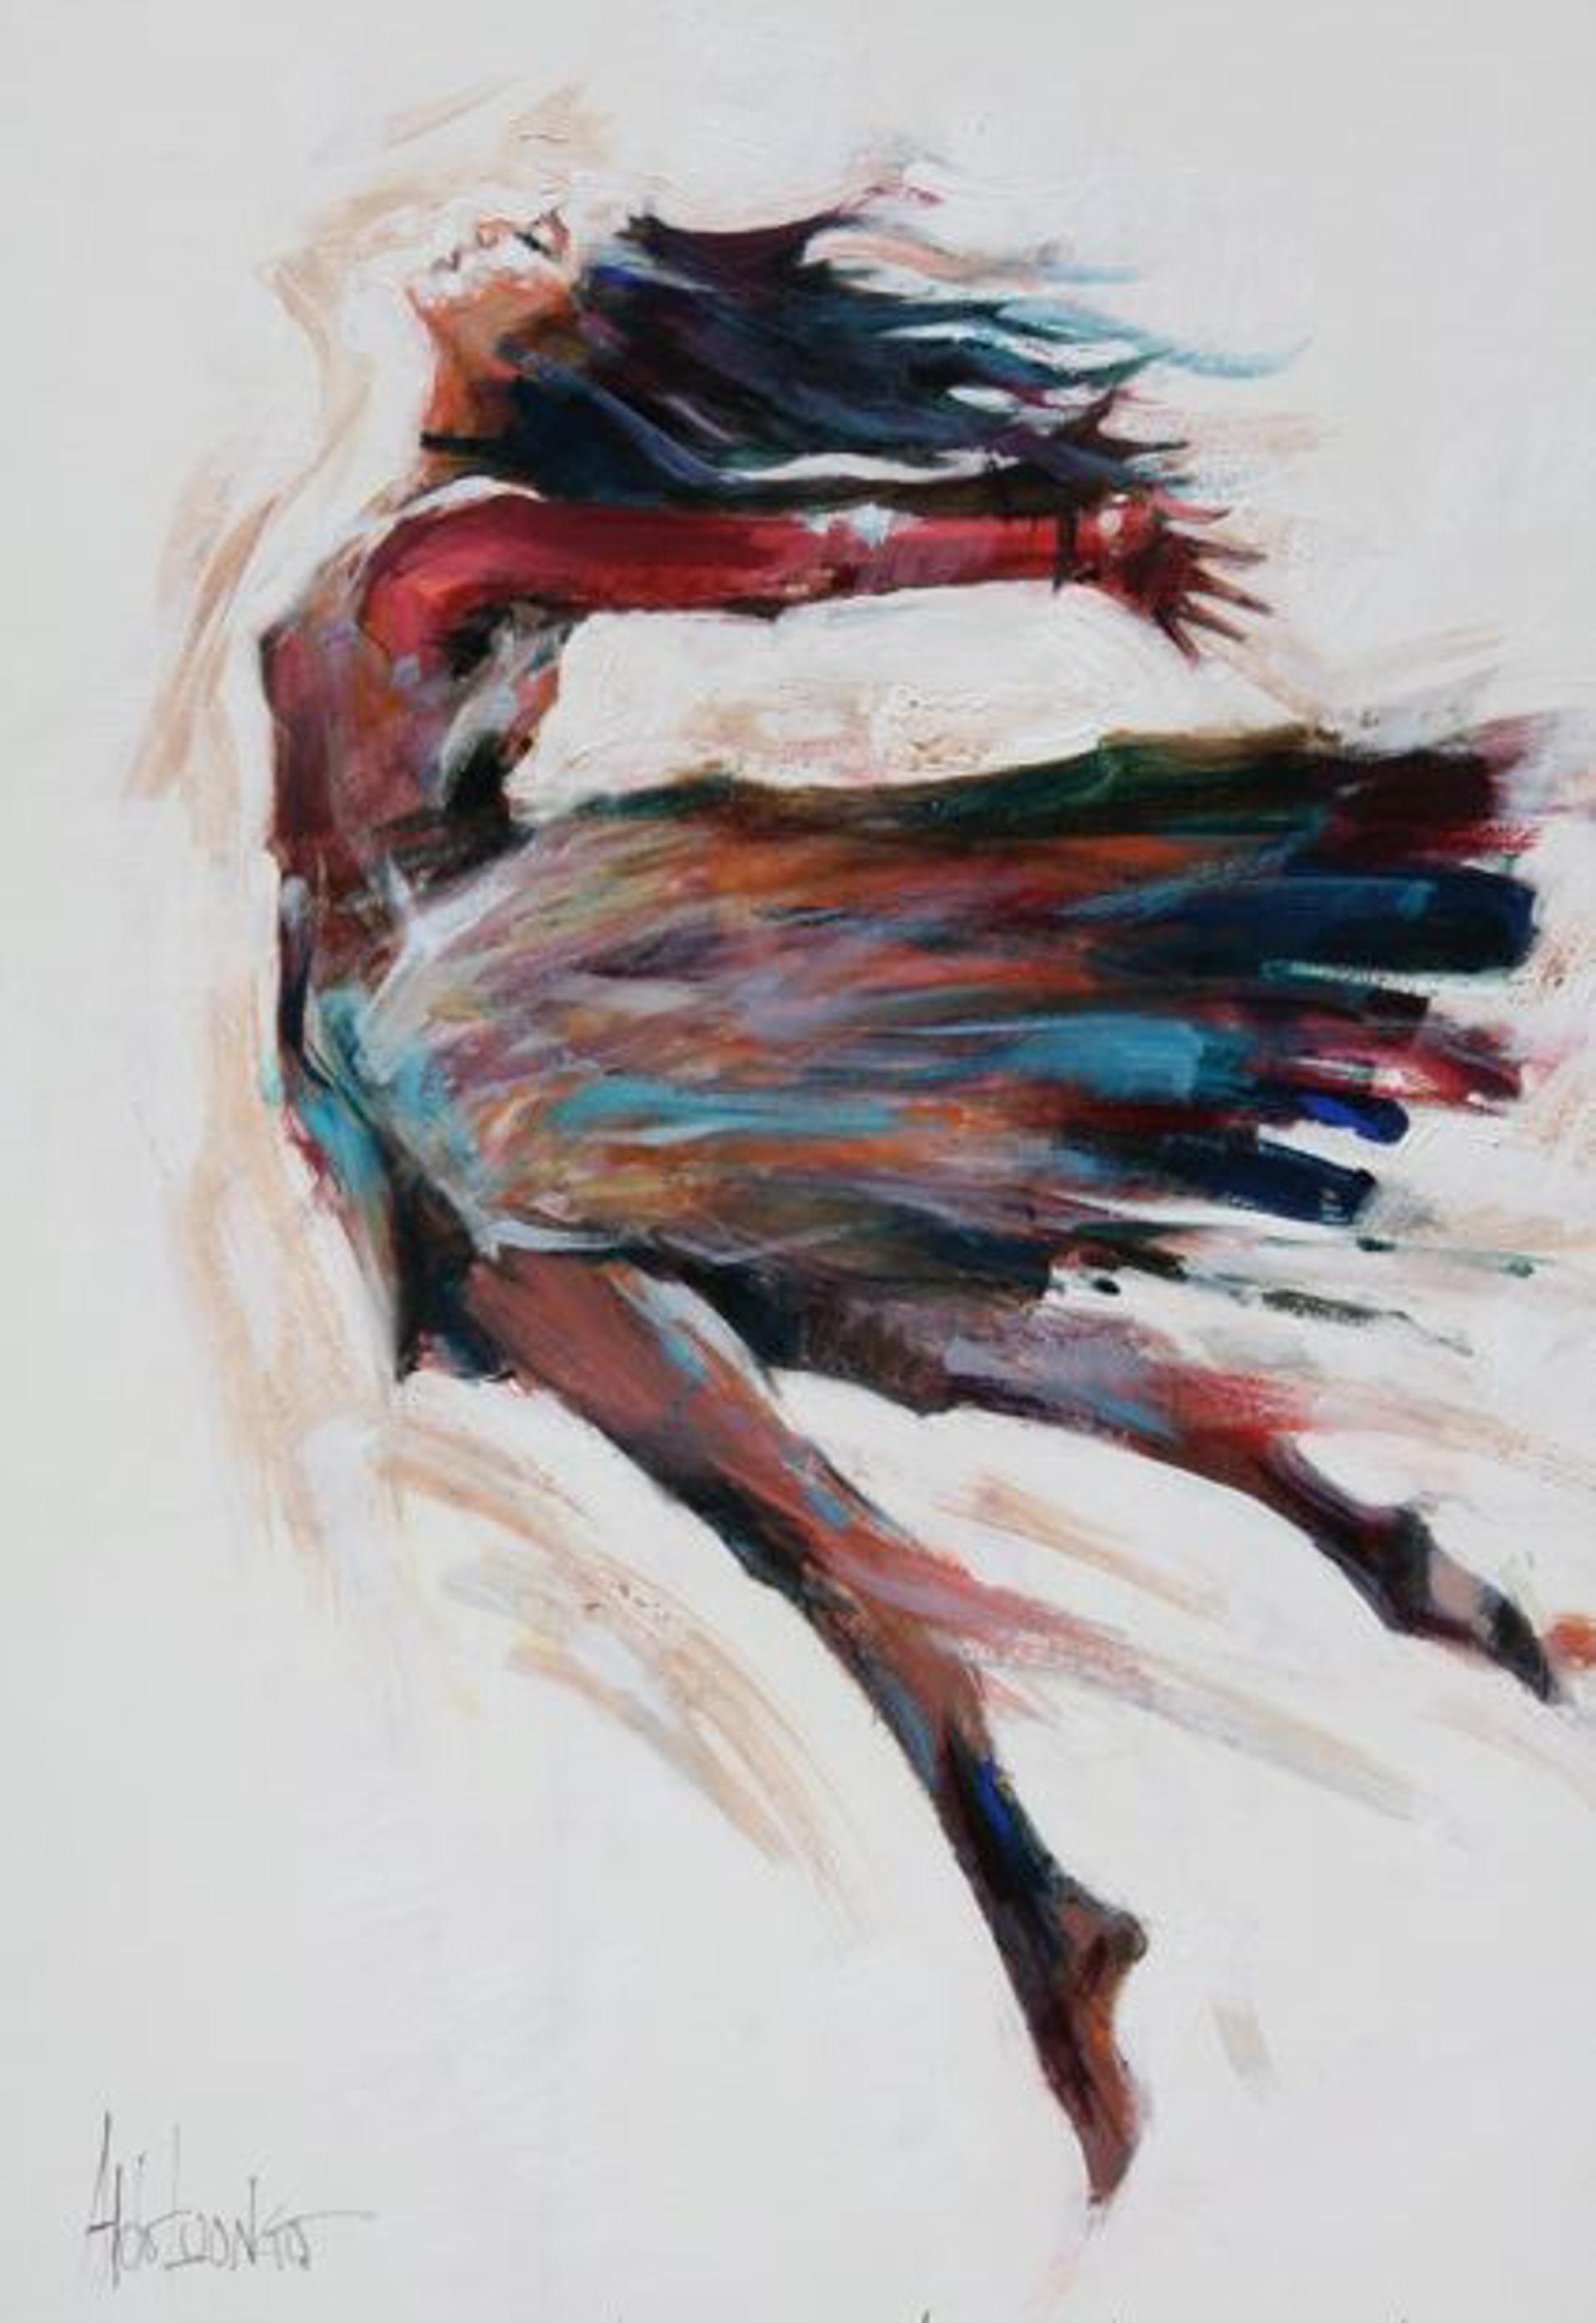 Butterfly by Aldo Luongo